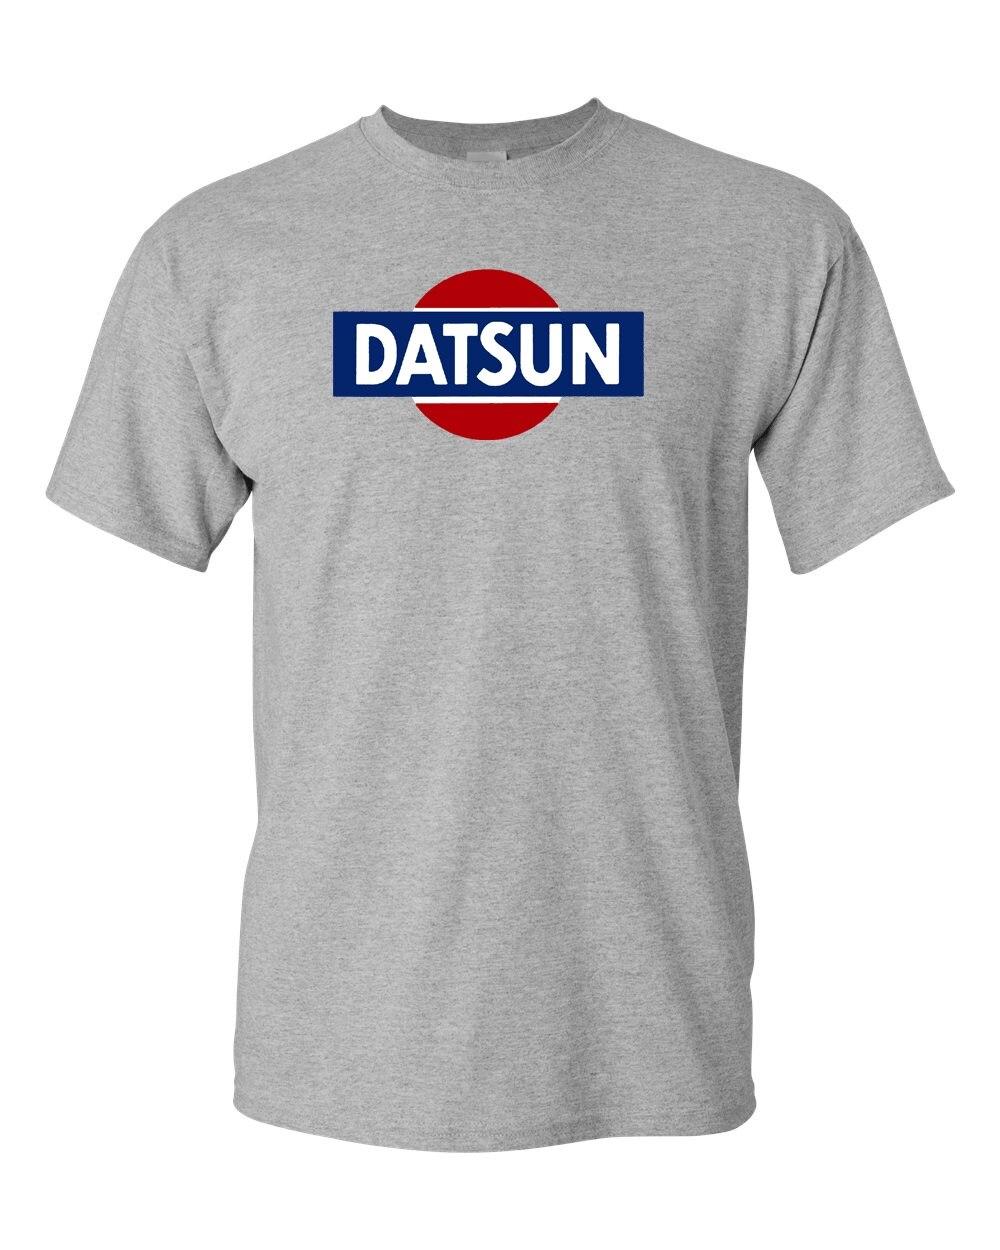 Camiseta logotipo retro branco datsun novo! T 240z 260z 280z zx 510 fairlady marca de moda t camisa moda camisetas gráficas